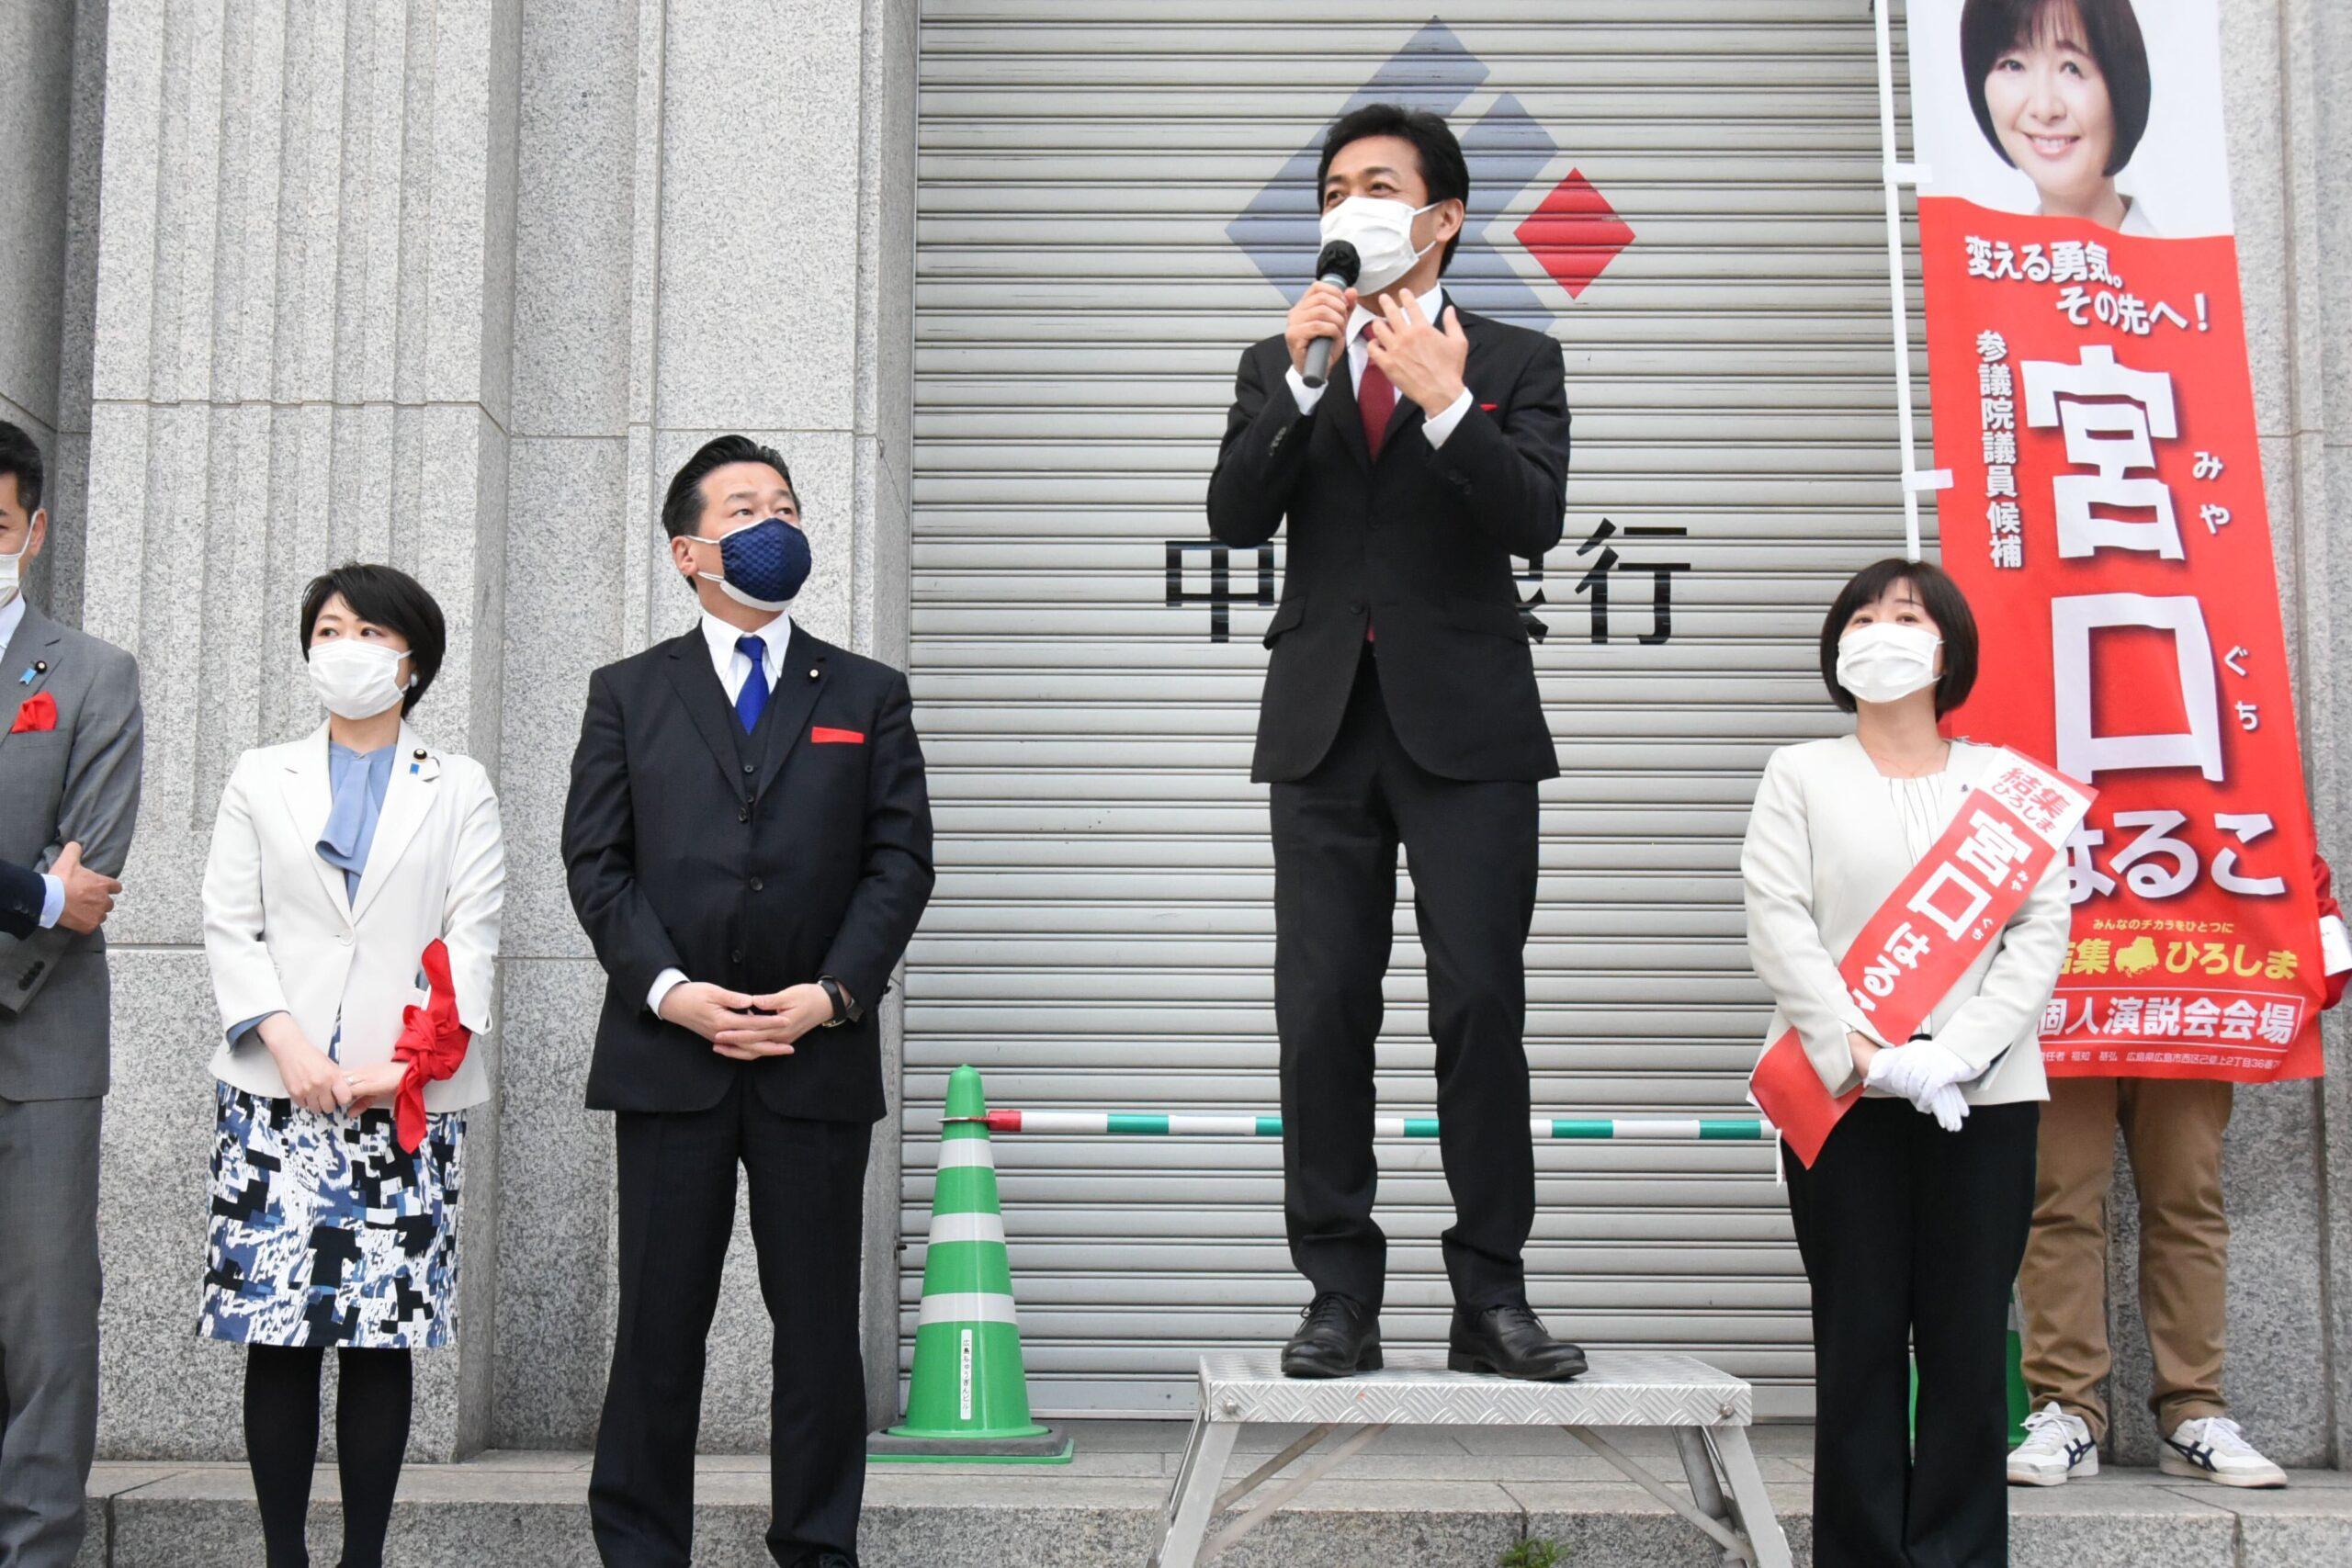 【広島】玉木代表が選挙戦最終日に宮口はるこ候補を応援